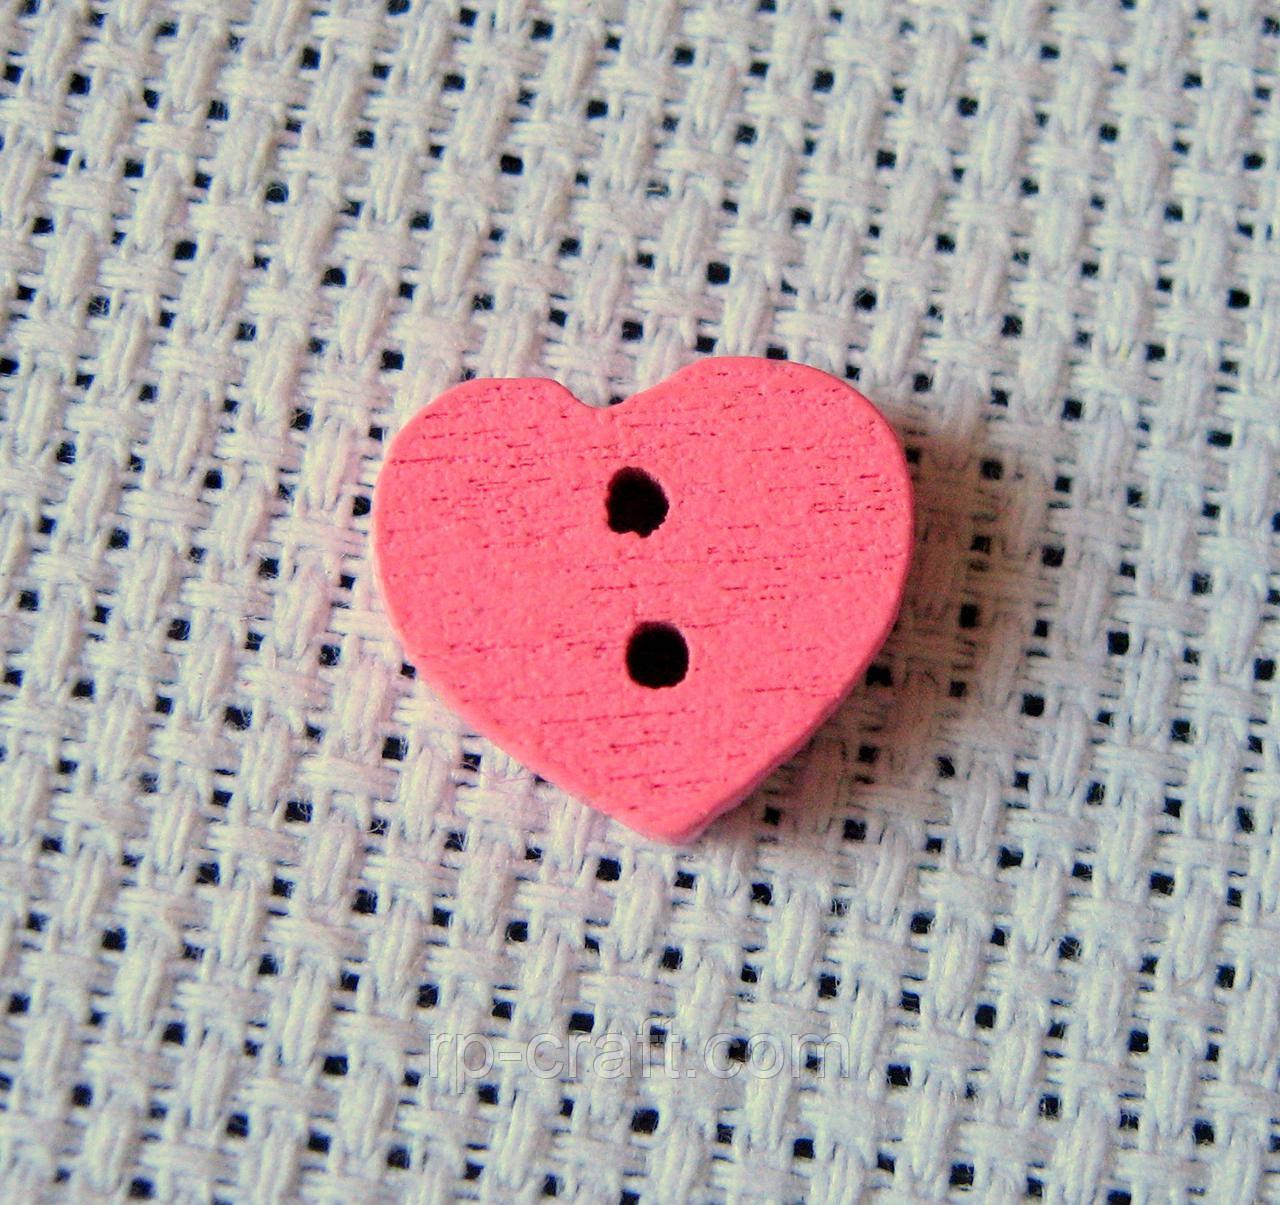 Гудзик дерев'яний, декоративний. Серце 11х13 мм, рожевий